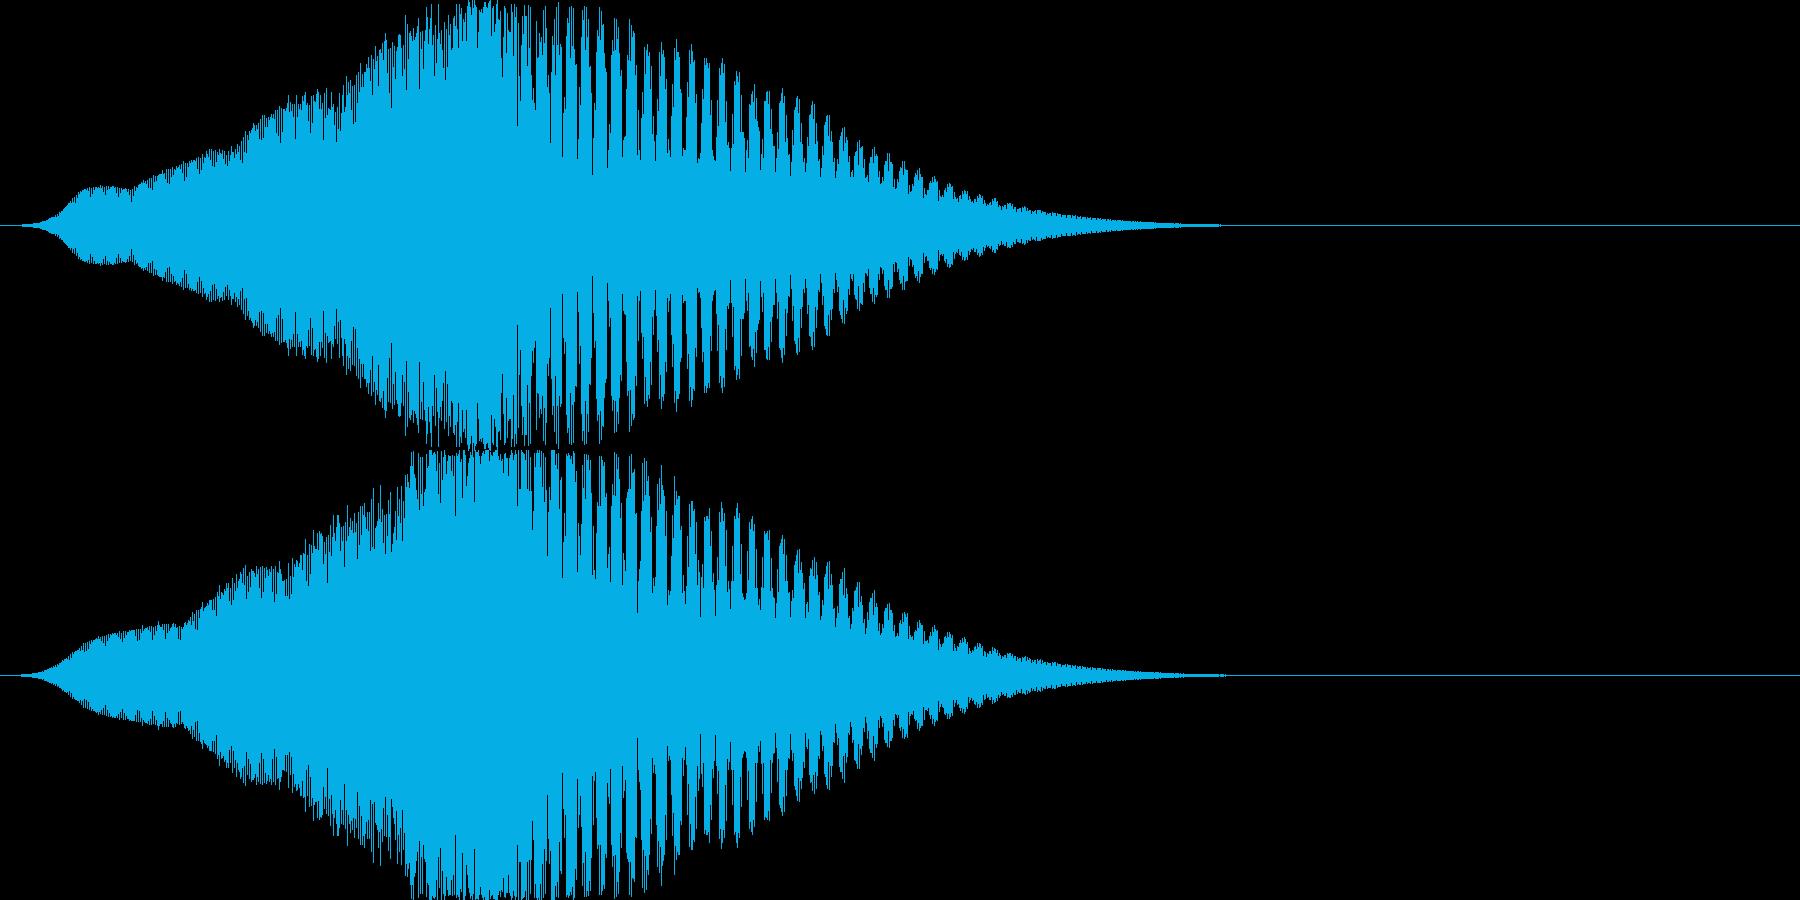 インパクト/フェード/大きくなる/重厚3の再生済みの波形